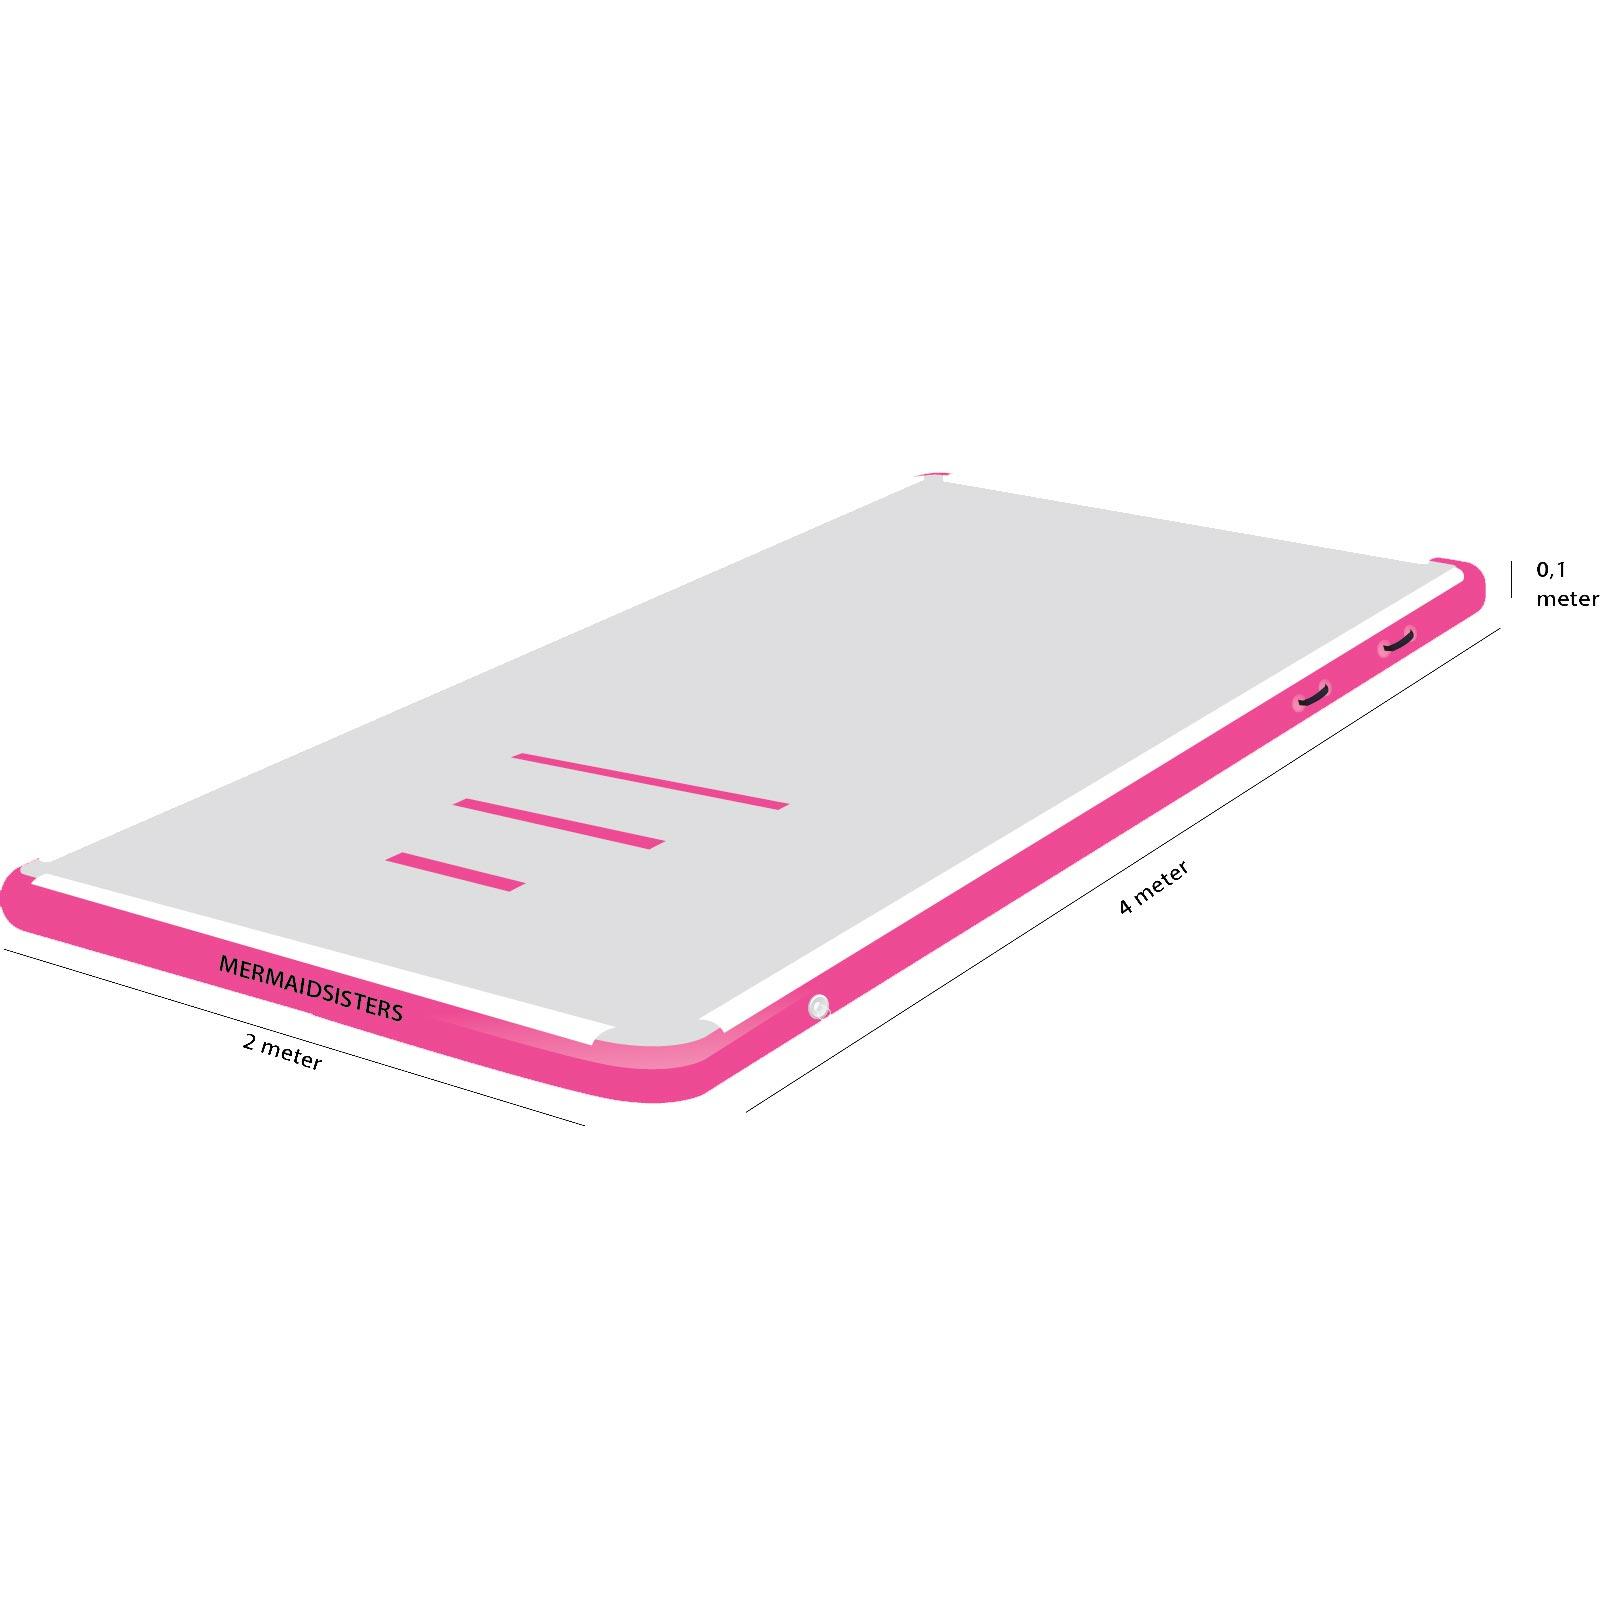 AirTrack 4 meter roze 2 meter breed 10 cm hoog